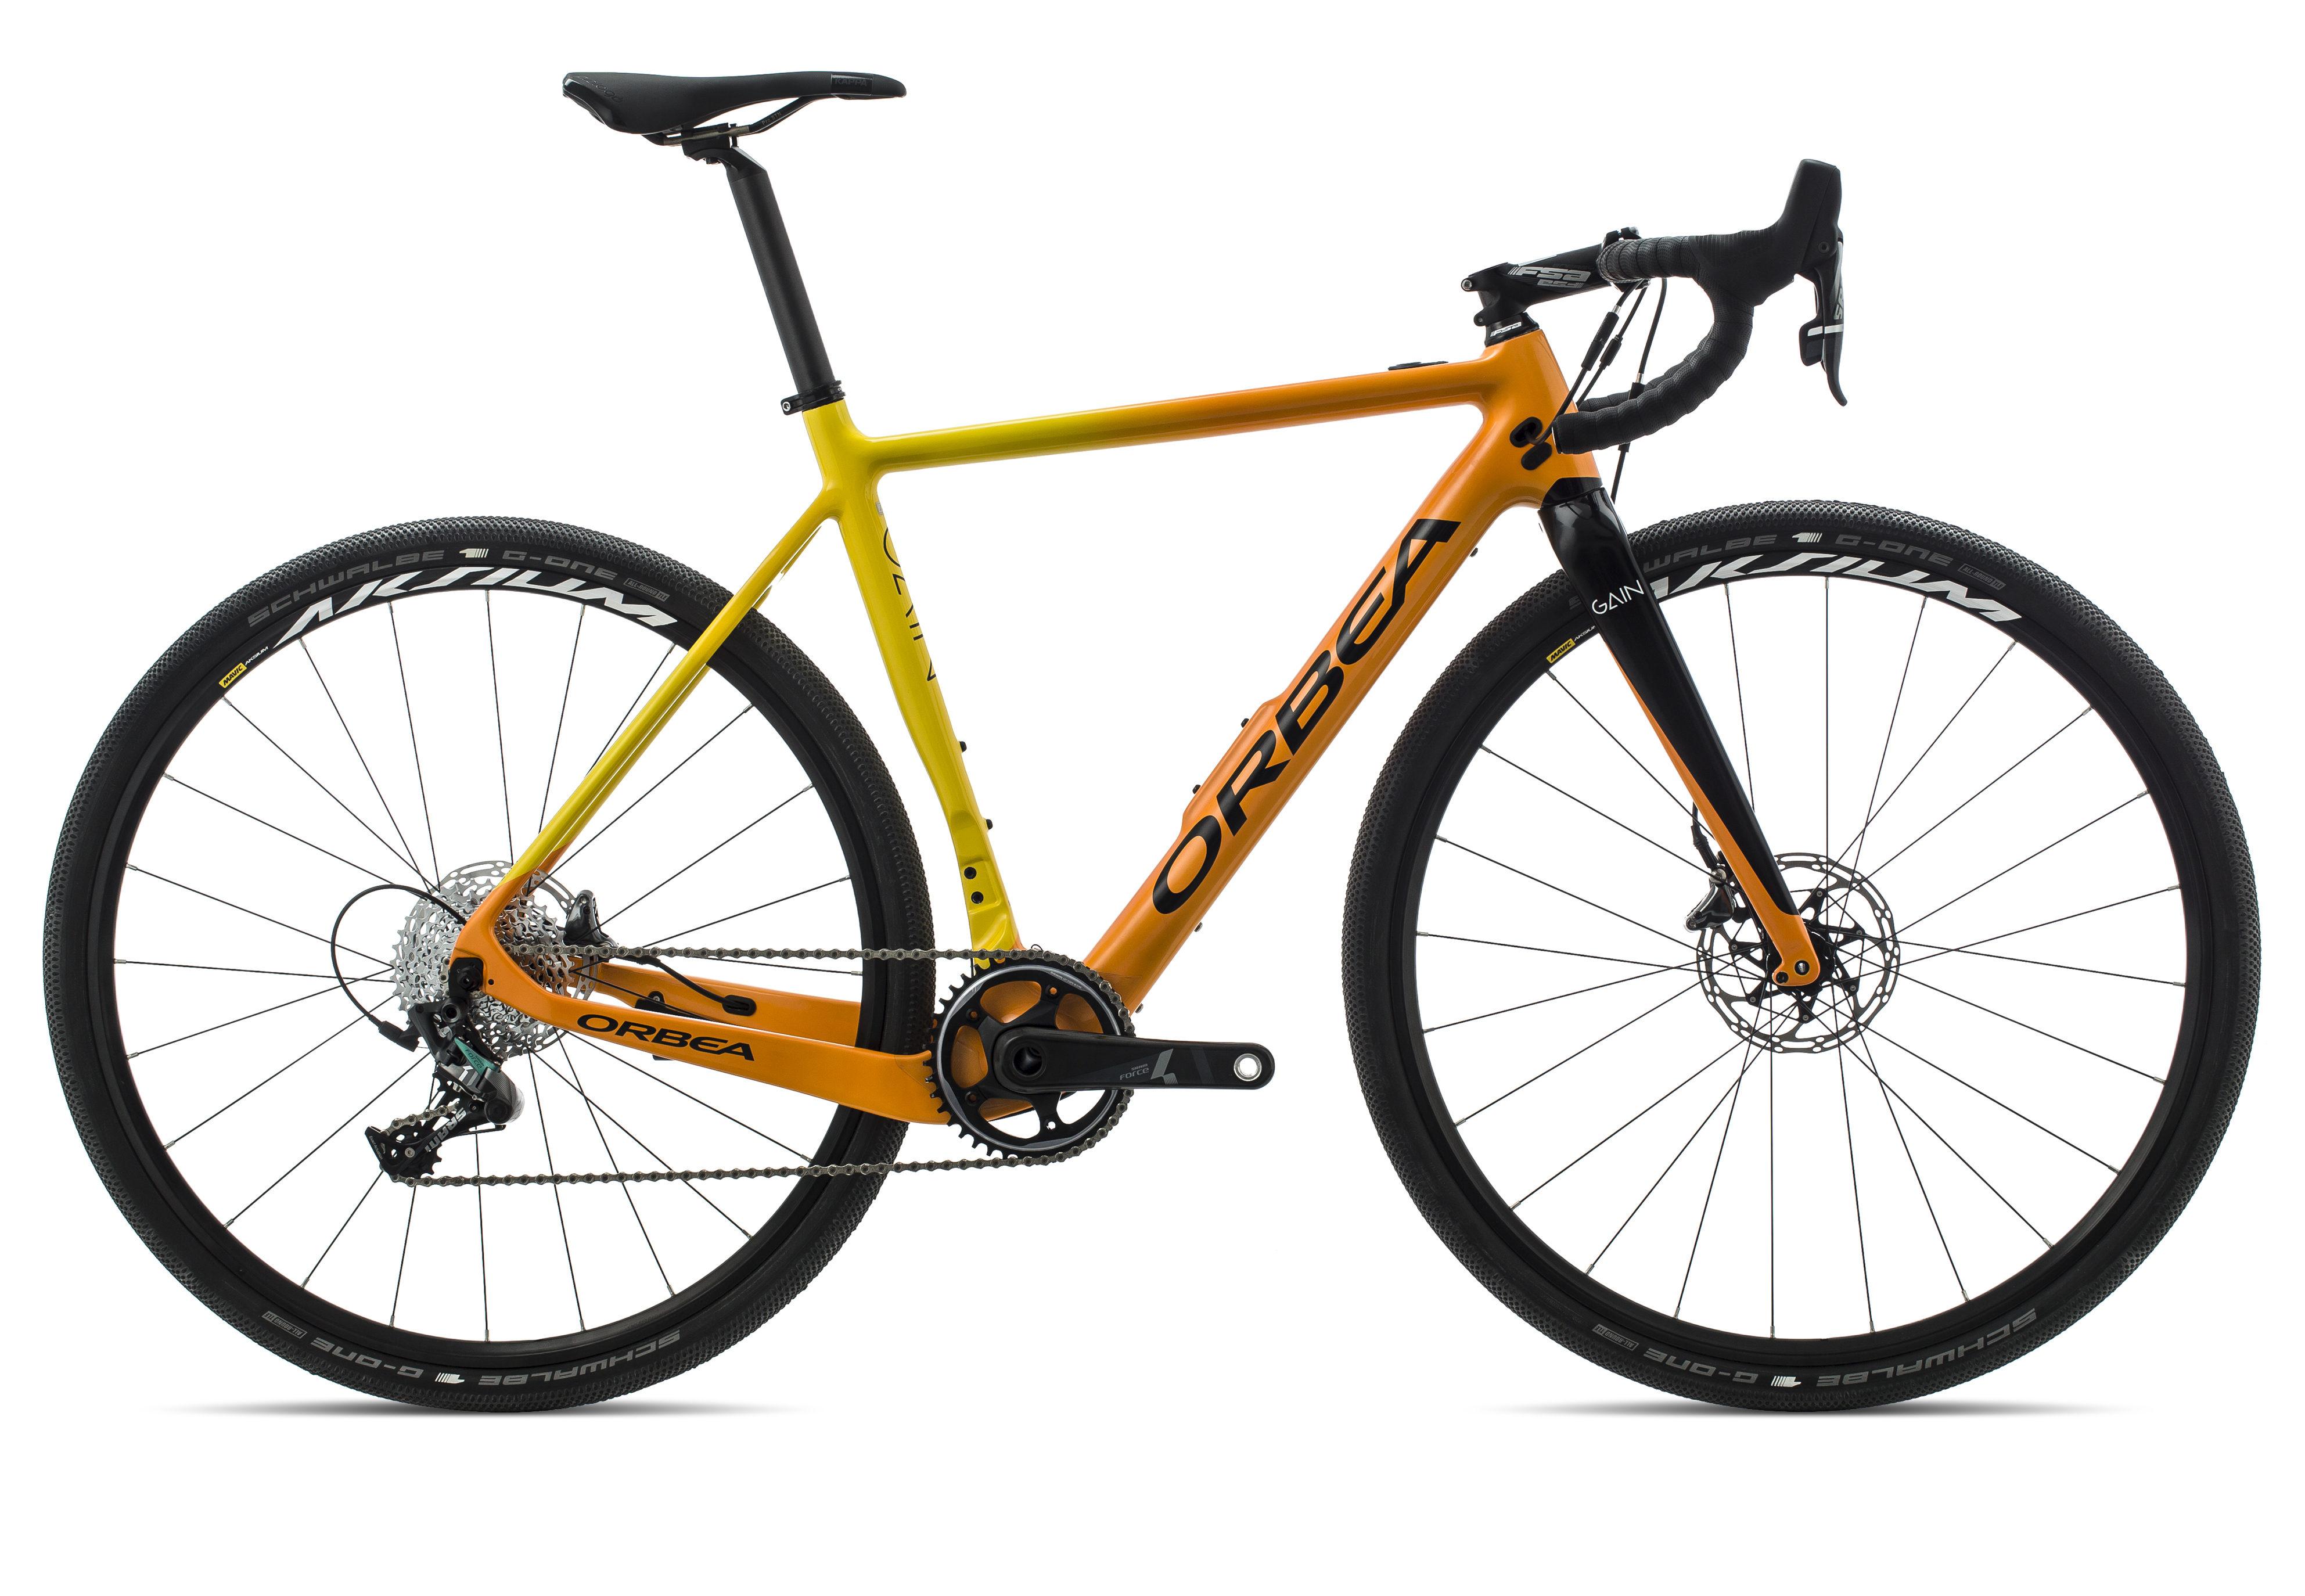 We tellen al een kleine 30 fietsmerken met een e-racefiets.